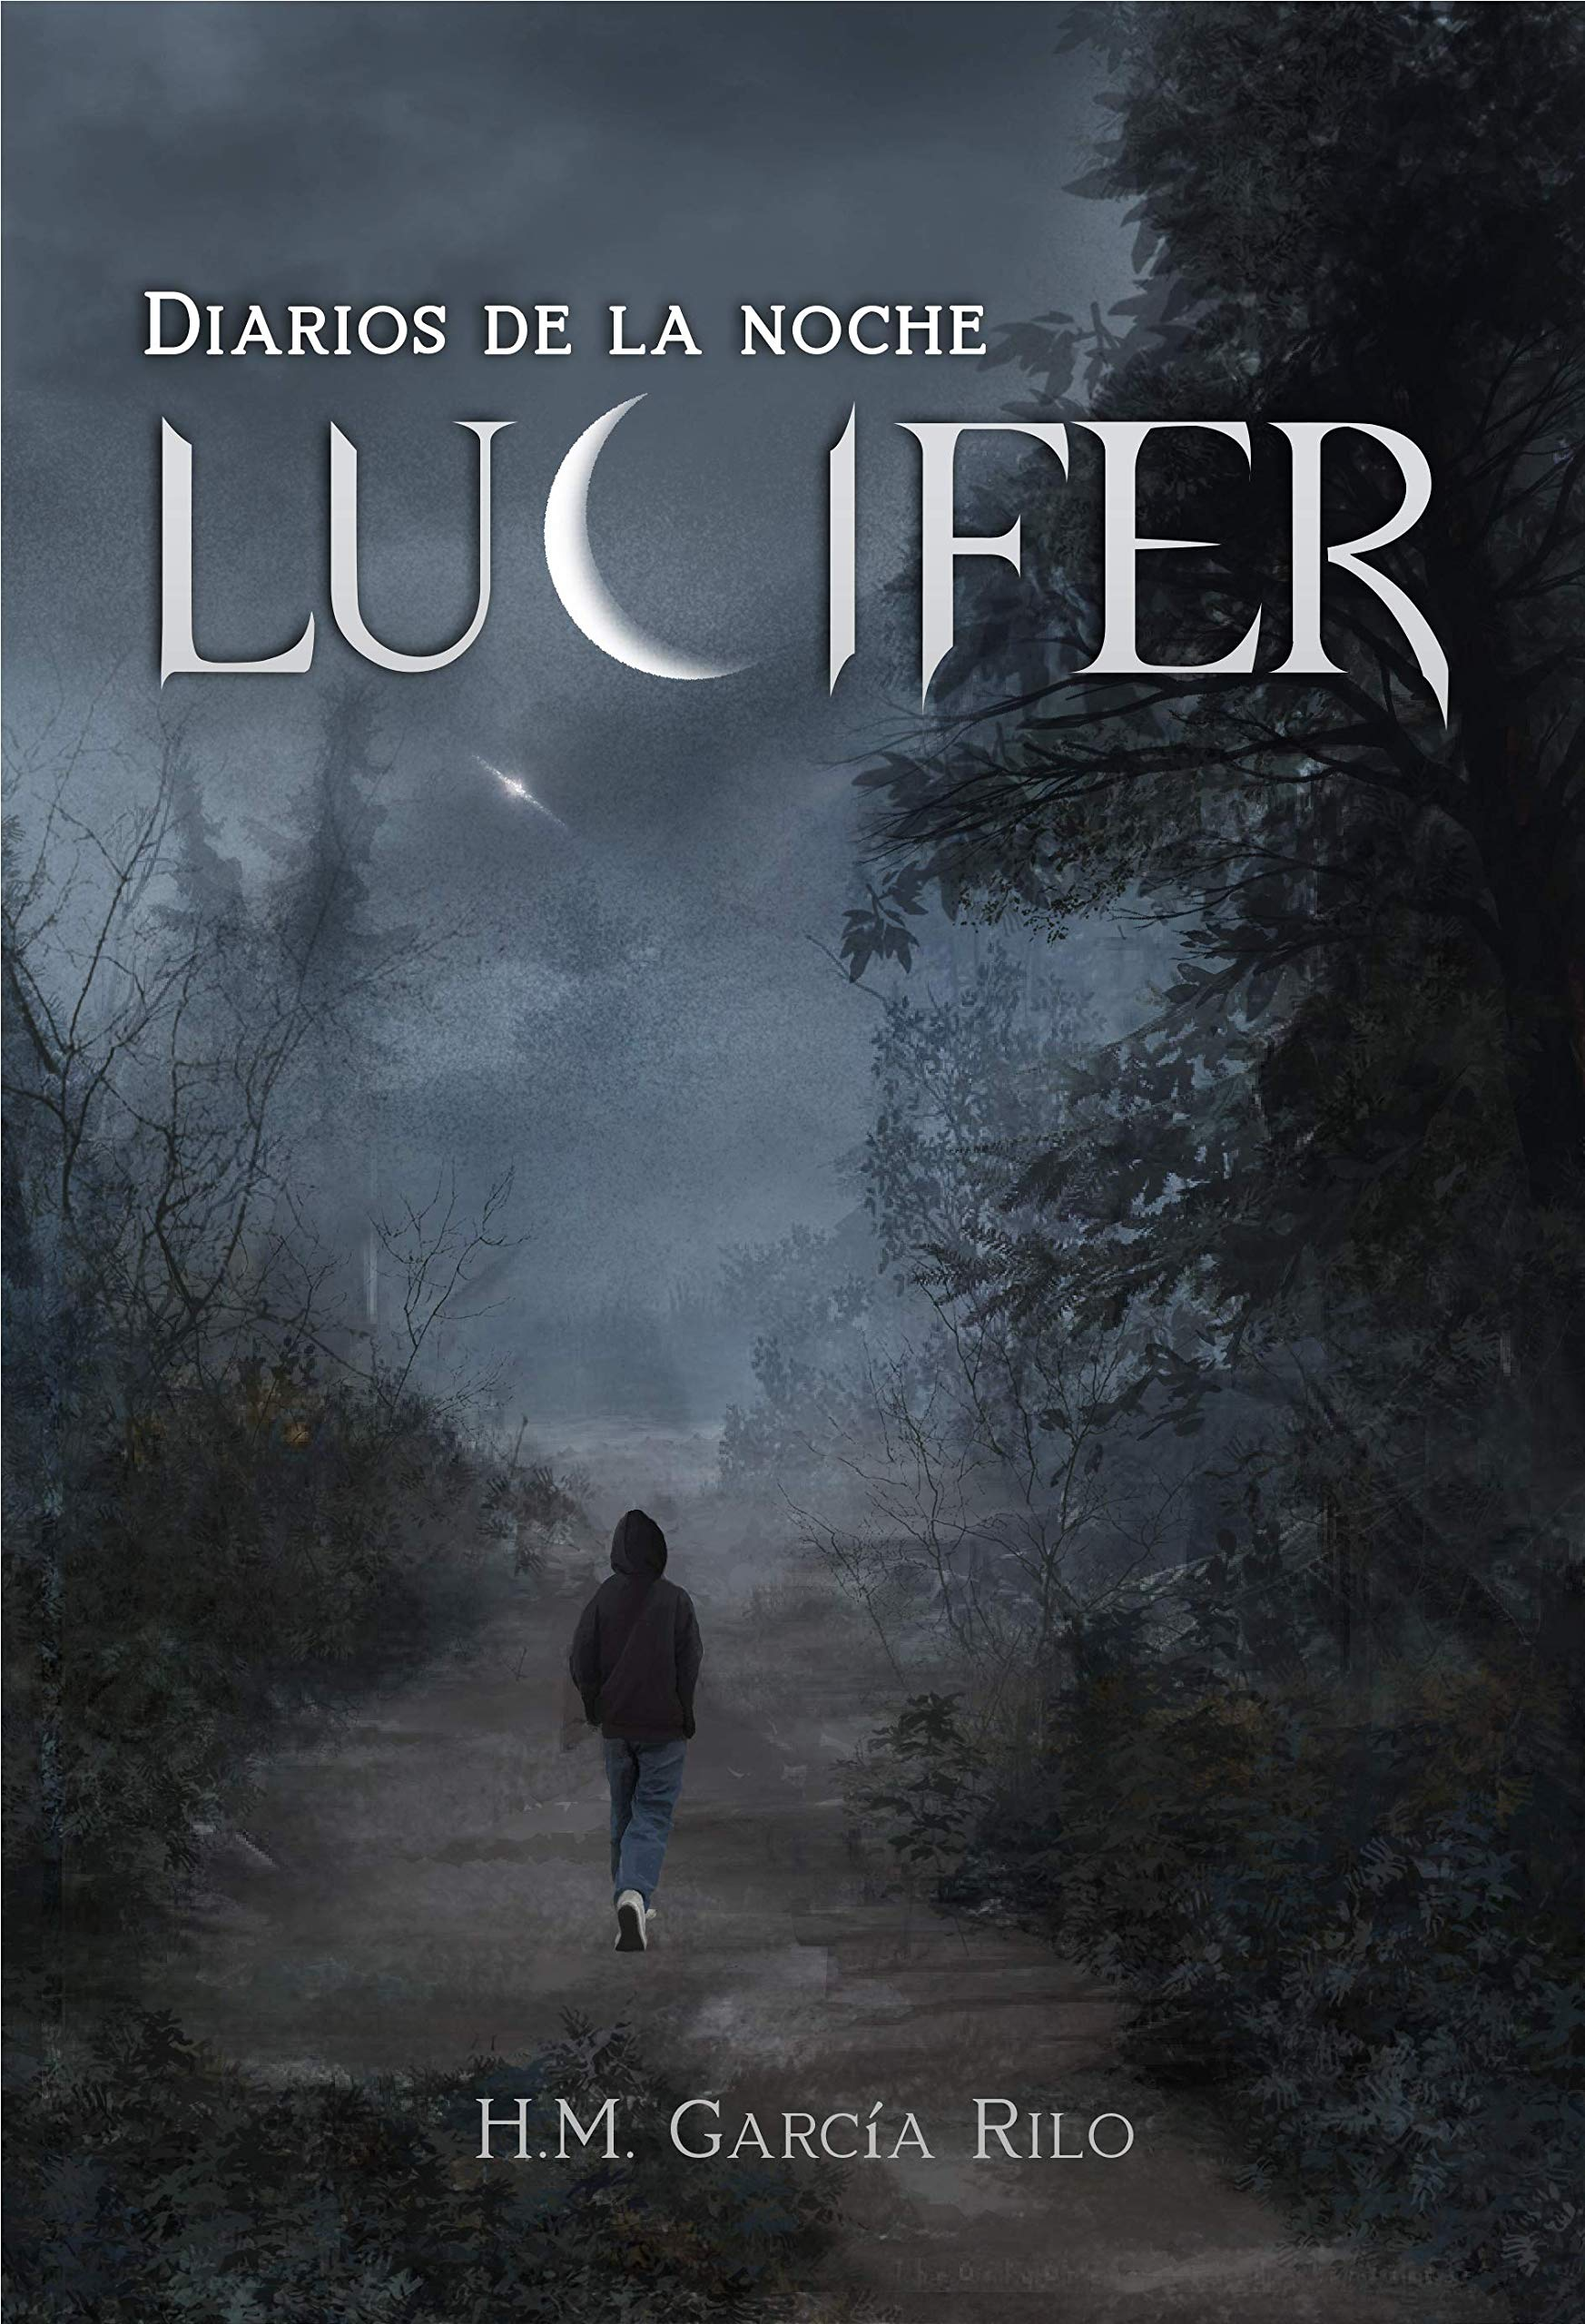 Diarios de la Noche, Lucifer